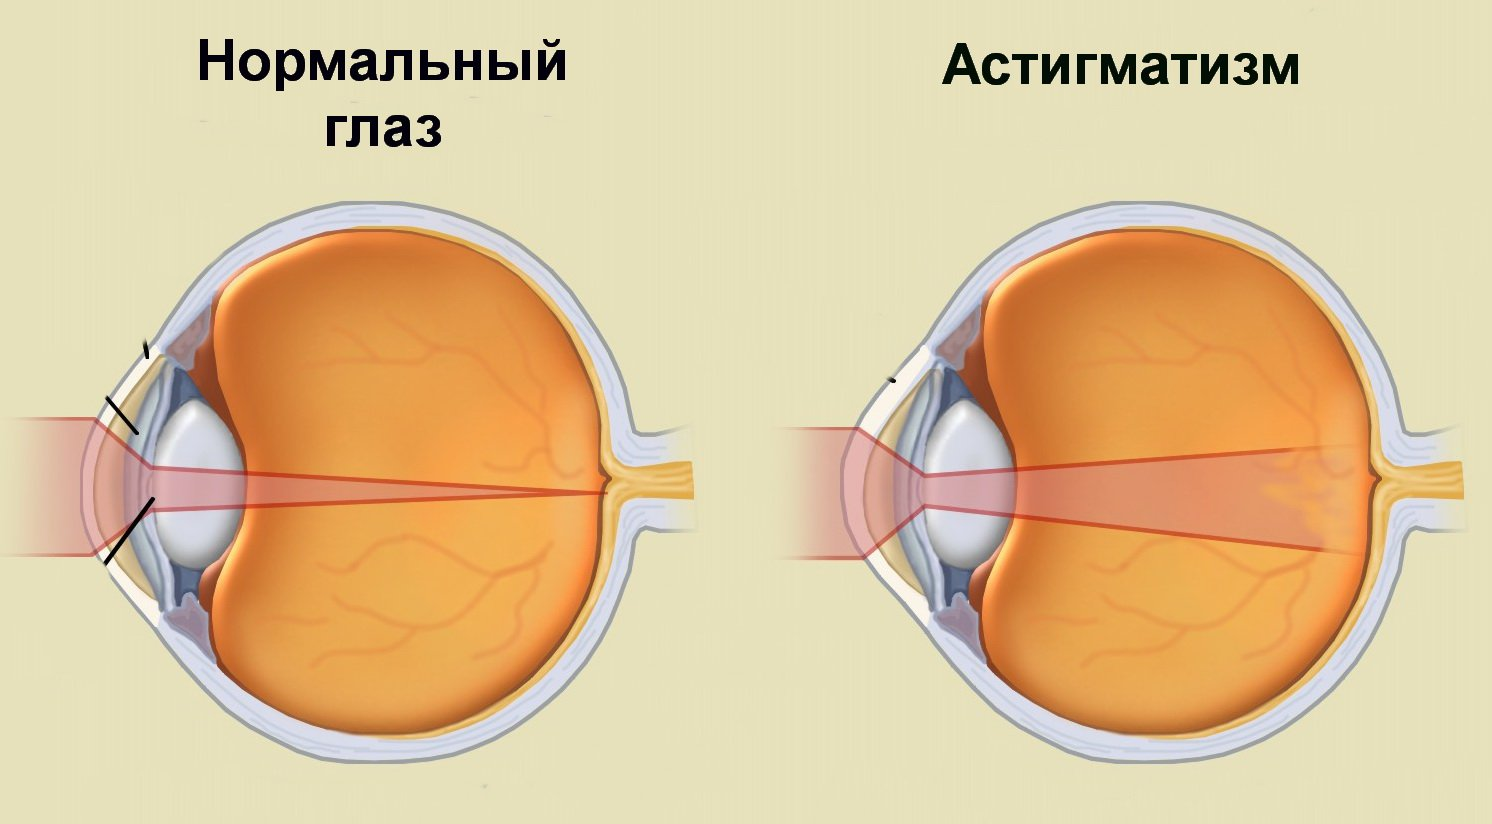 gyakorlat a látás letöltéséhez